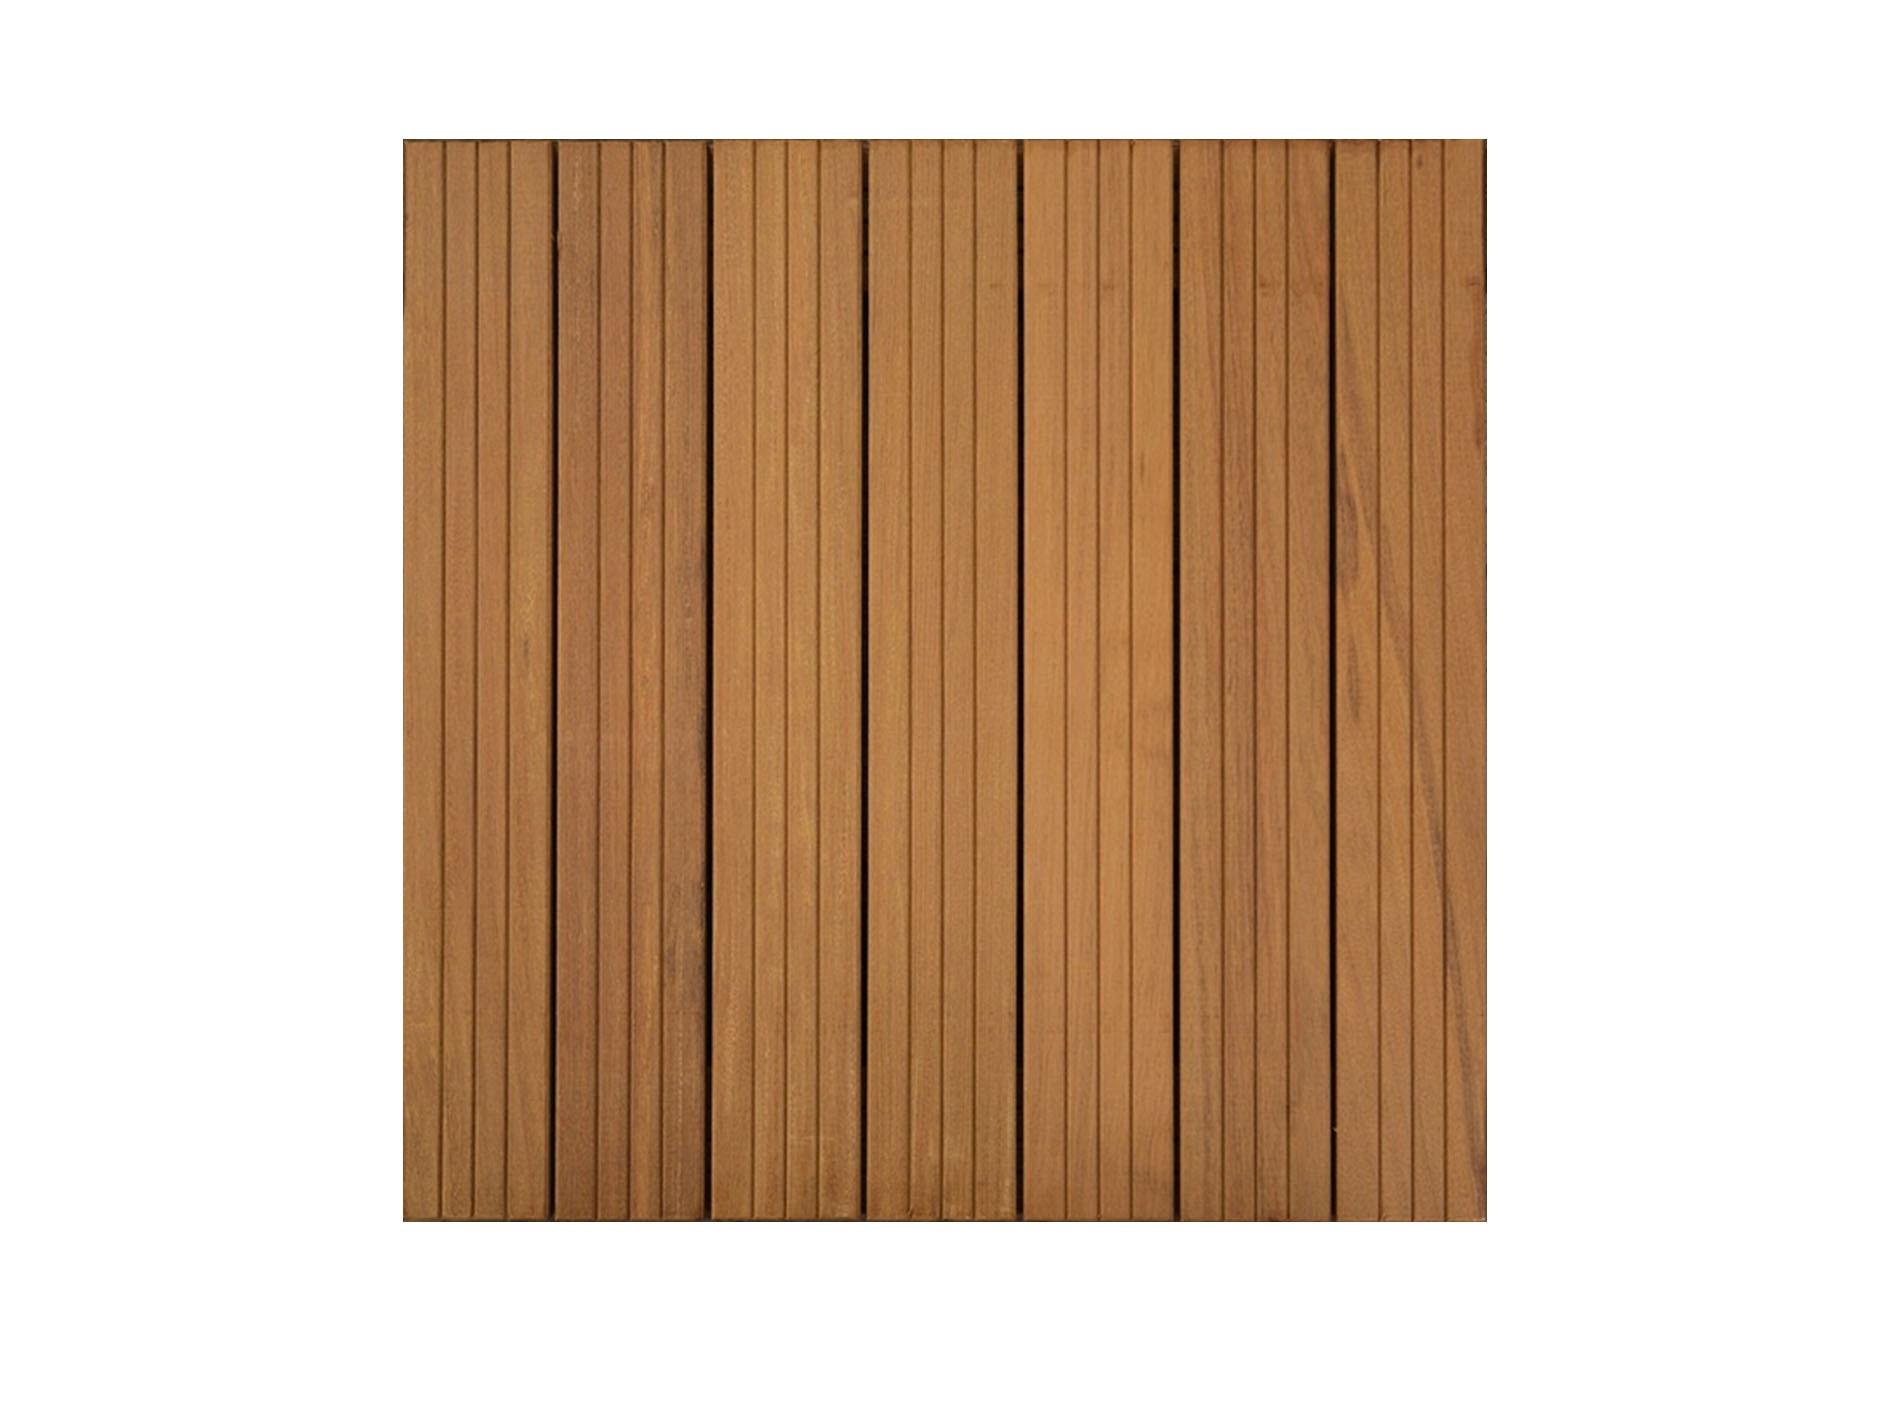 Dalles de terrasse en bois: Ipé massif 38 x 500 x 500mm